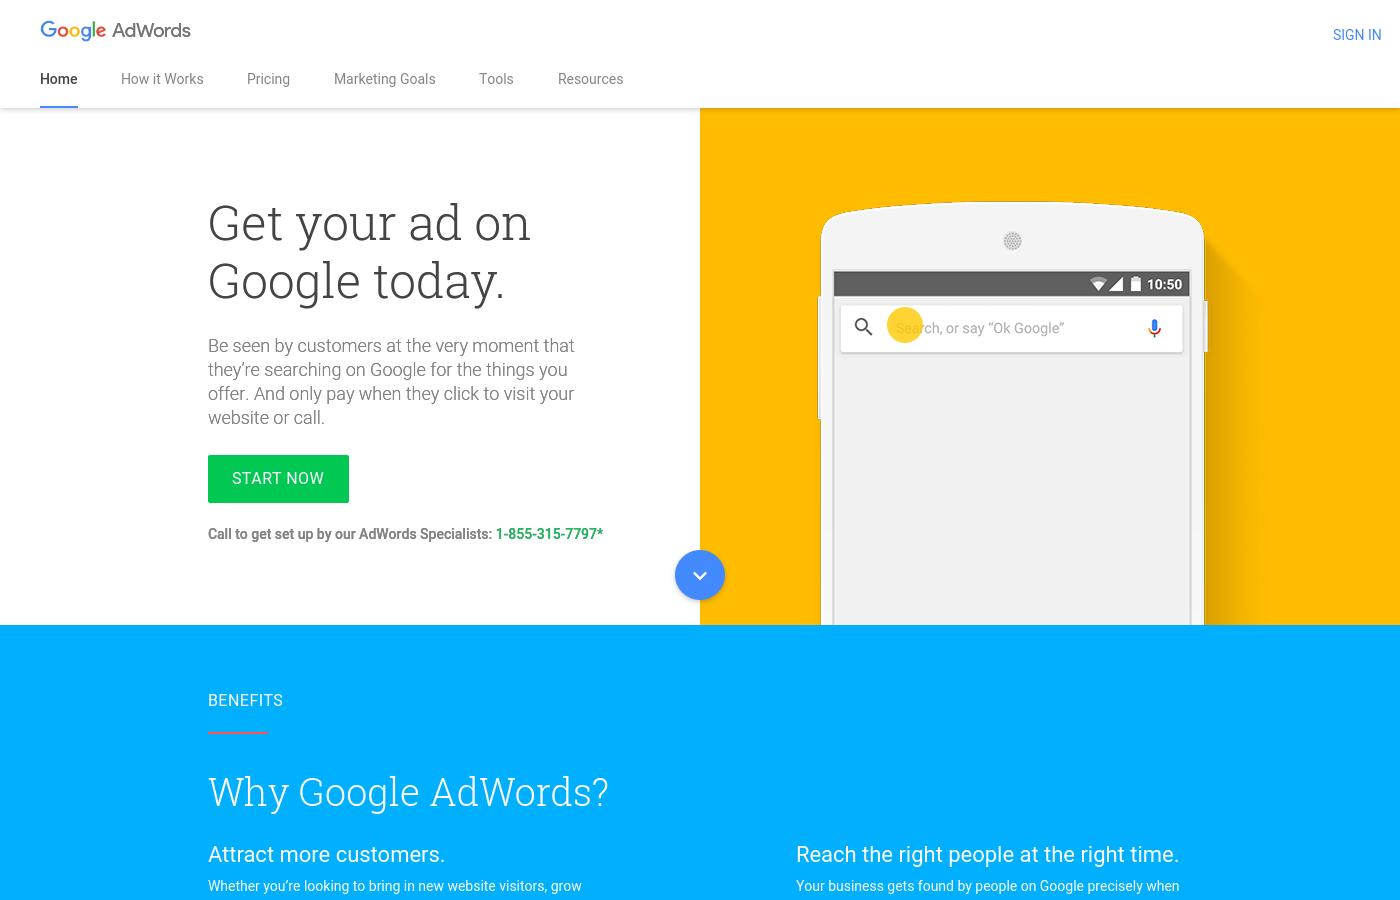 GrowthJunkie Tool | Google Keyword Planner | Search Engine Optimization (SEO)